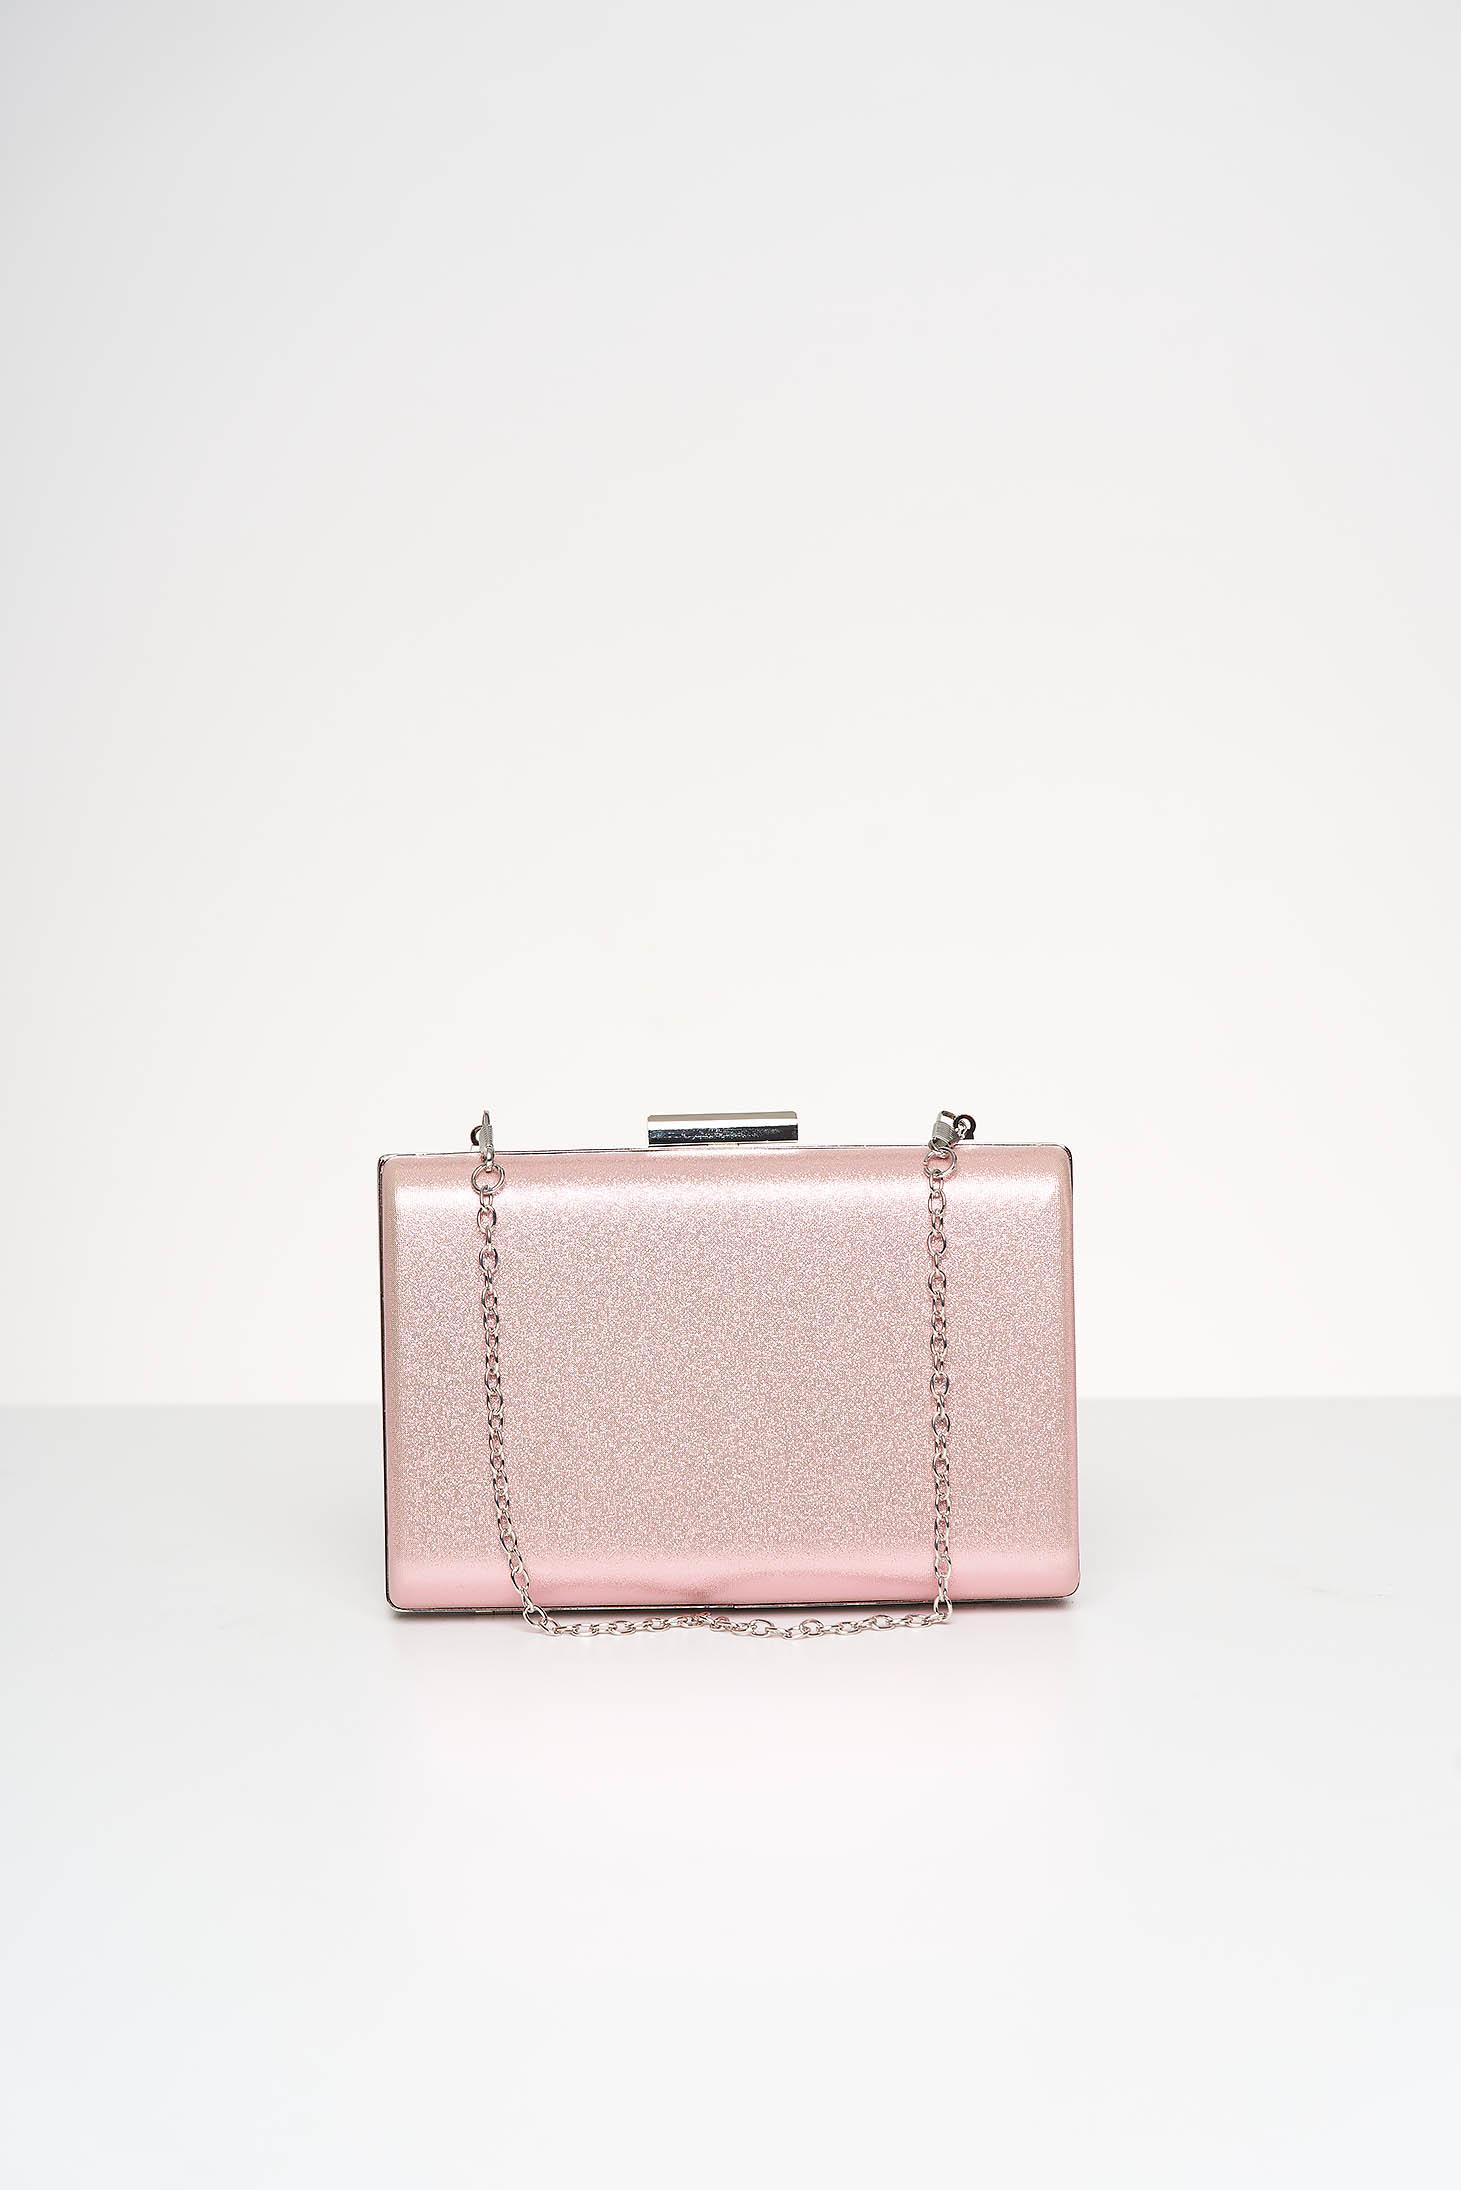 Geanta dama tip clutch roz de ocazie din material satinat cu aplicatii cu sclipici